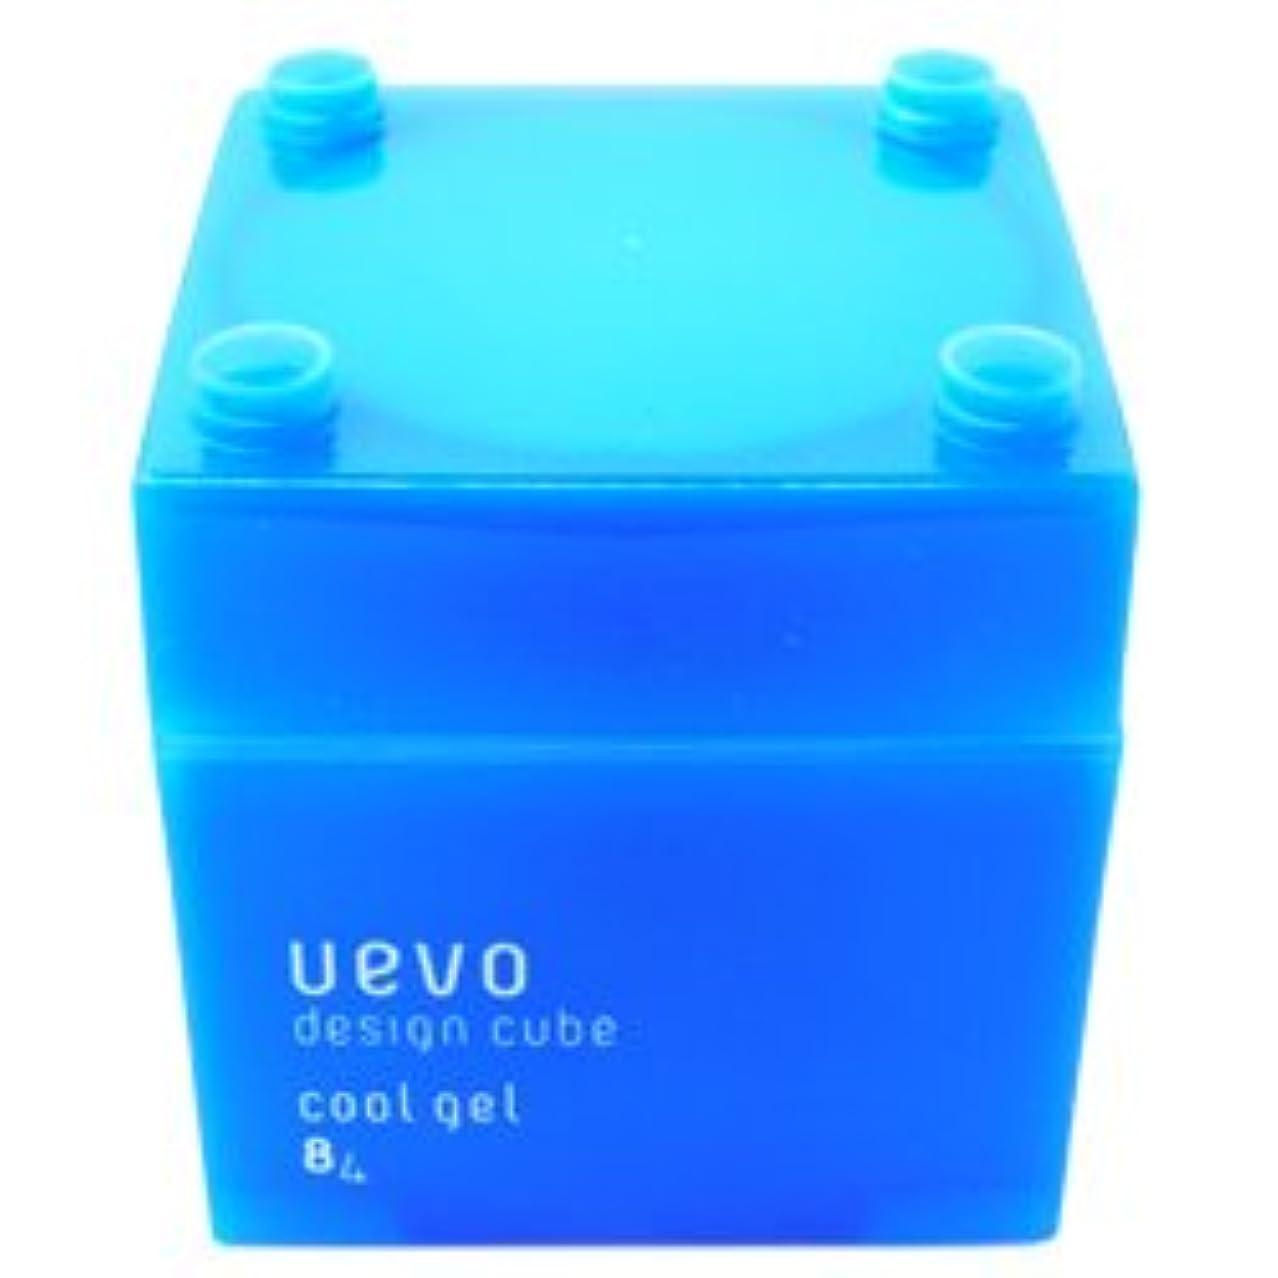 結紮ラウズ密度ウェーボ デザインキューブ 80g ニュートラルワックス (在庫) [並行輸入品]